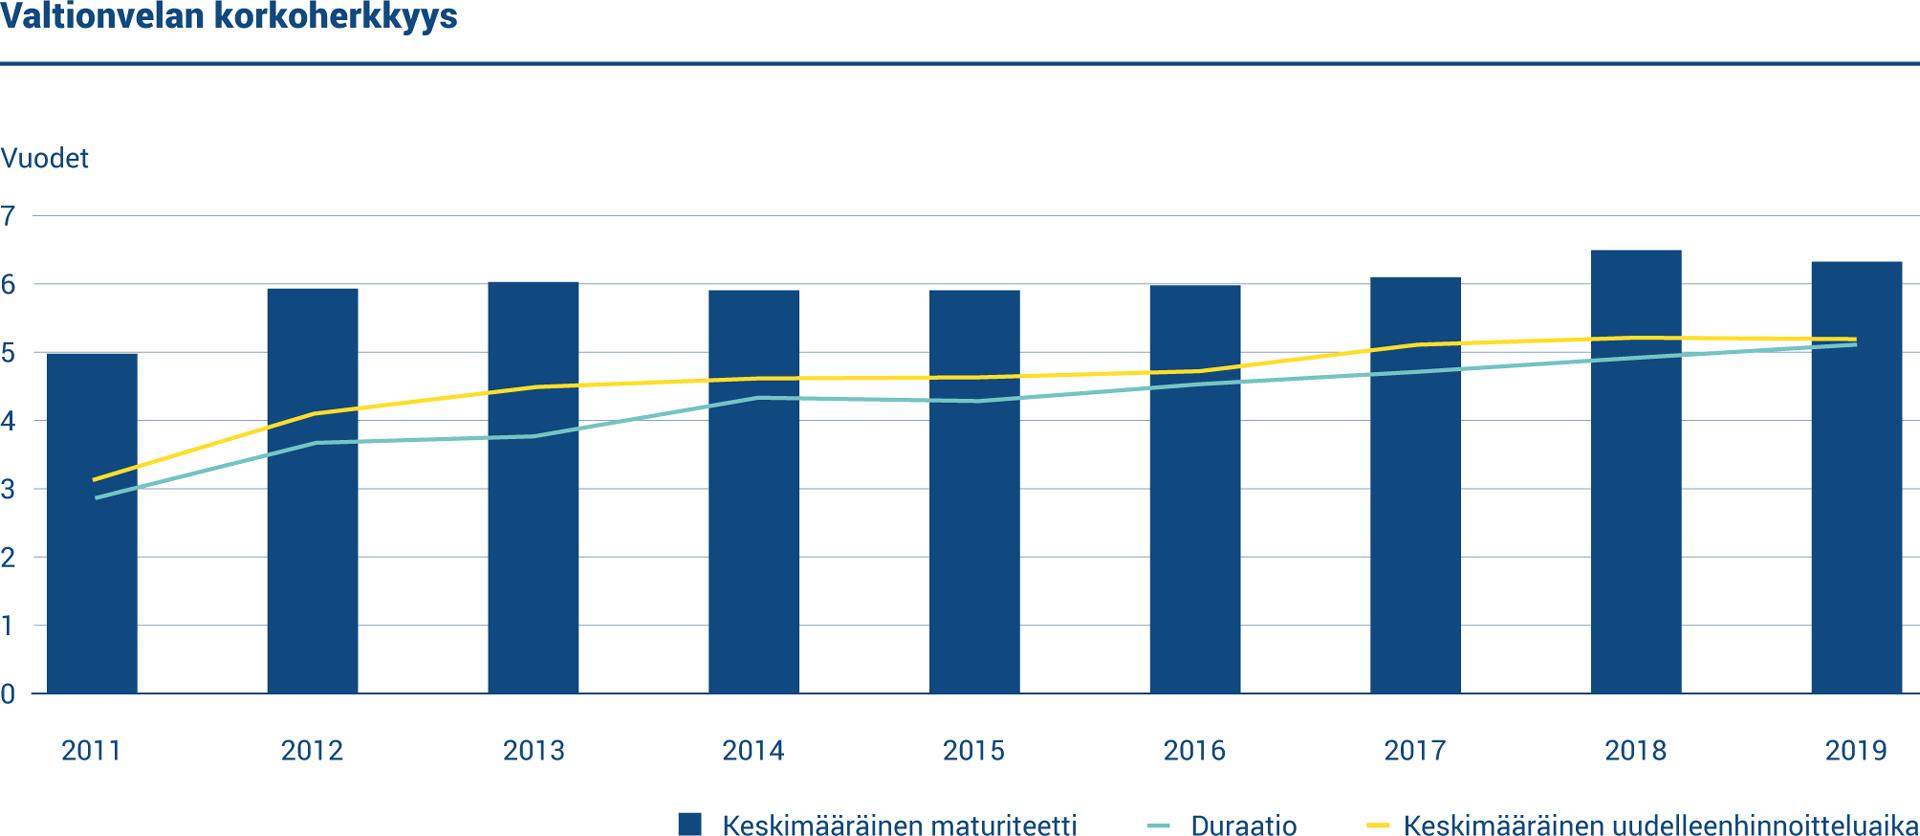 Kaaviossa esitetään valtionvelan korkoherkkyyden avainlukuja. Vuoden 2019 lopussa valtionvelan keskimääräinen uudelleenhinnoitteluaika oli 5,14 vuotta ja duraatio 5,08 vuotta. Keskimääräinen maturiteetti oli 6,33 vuotta.